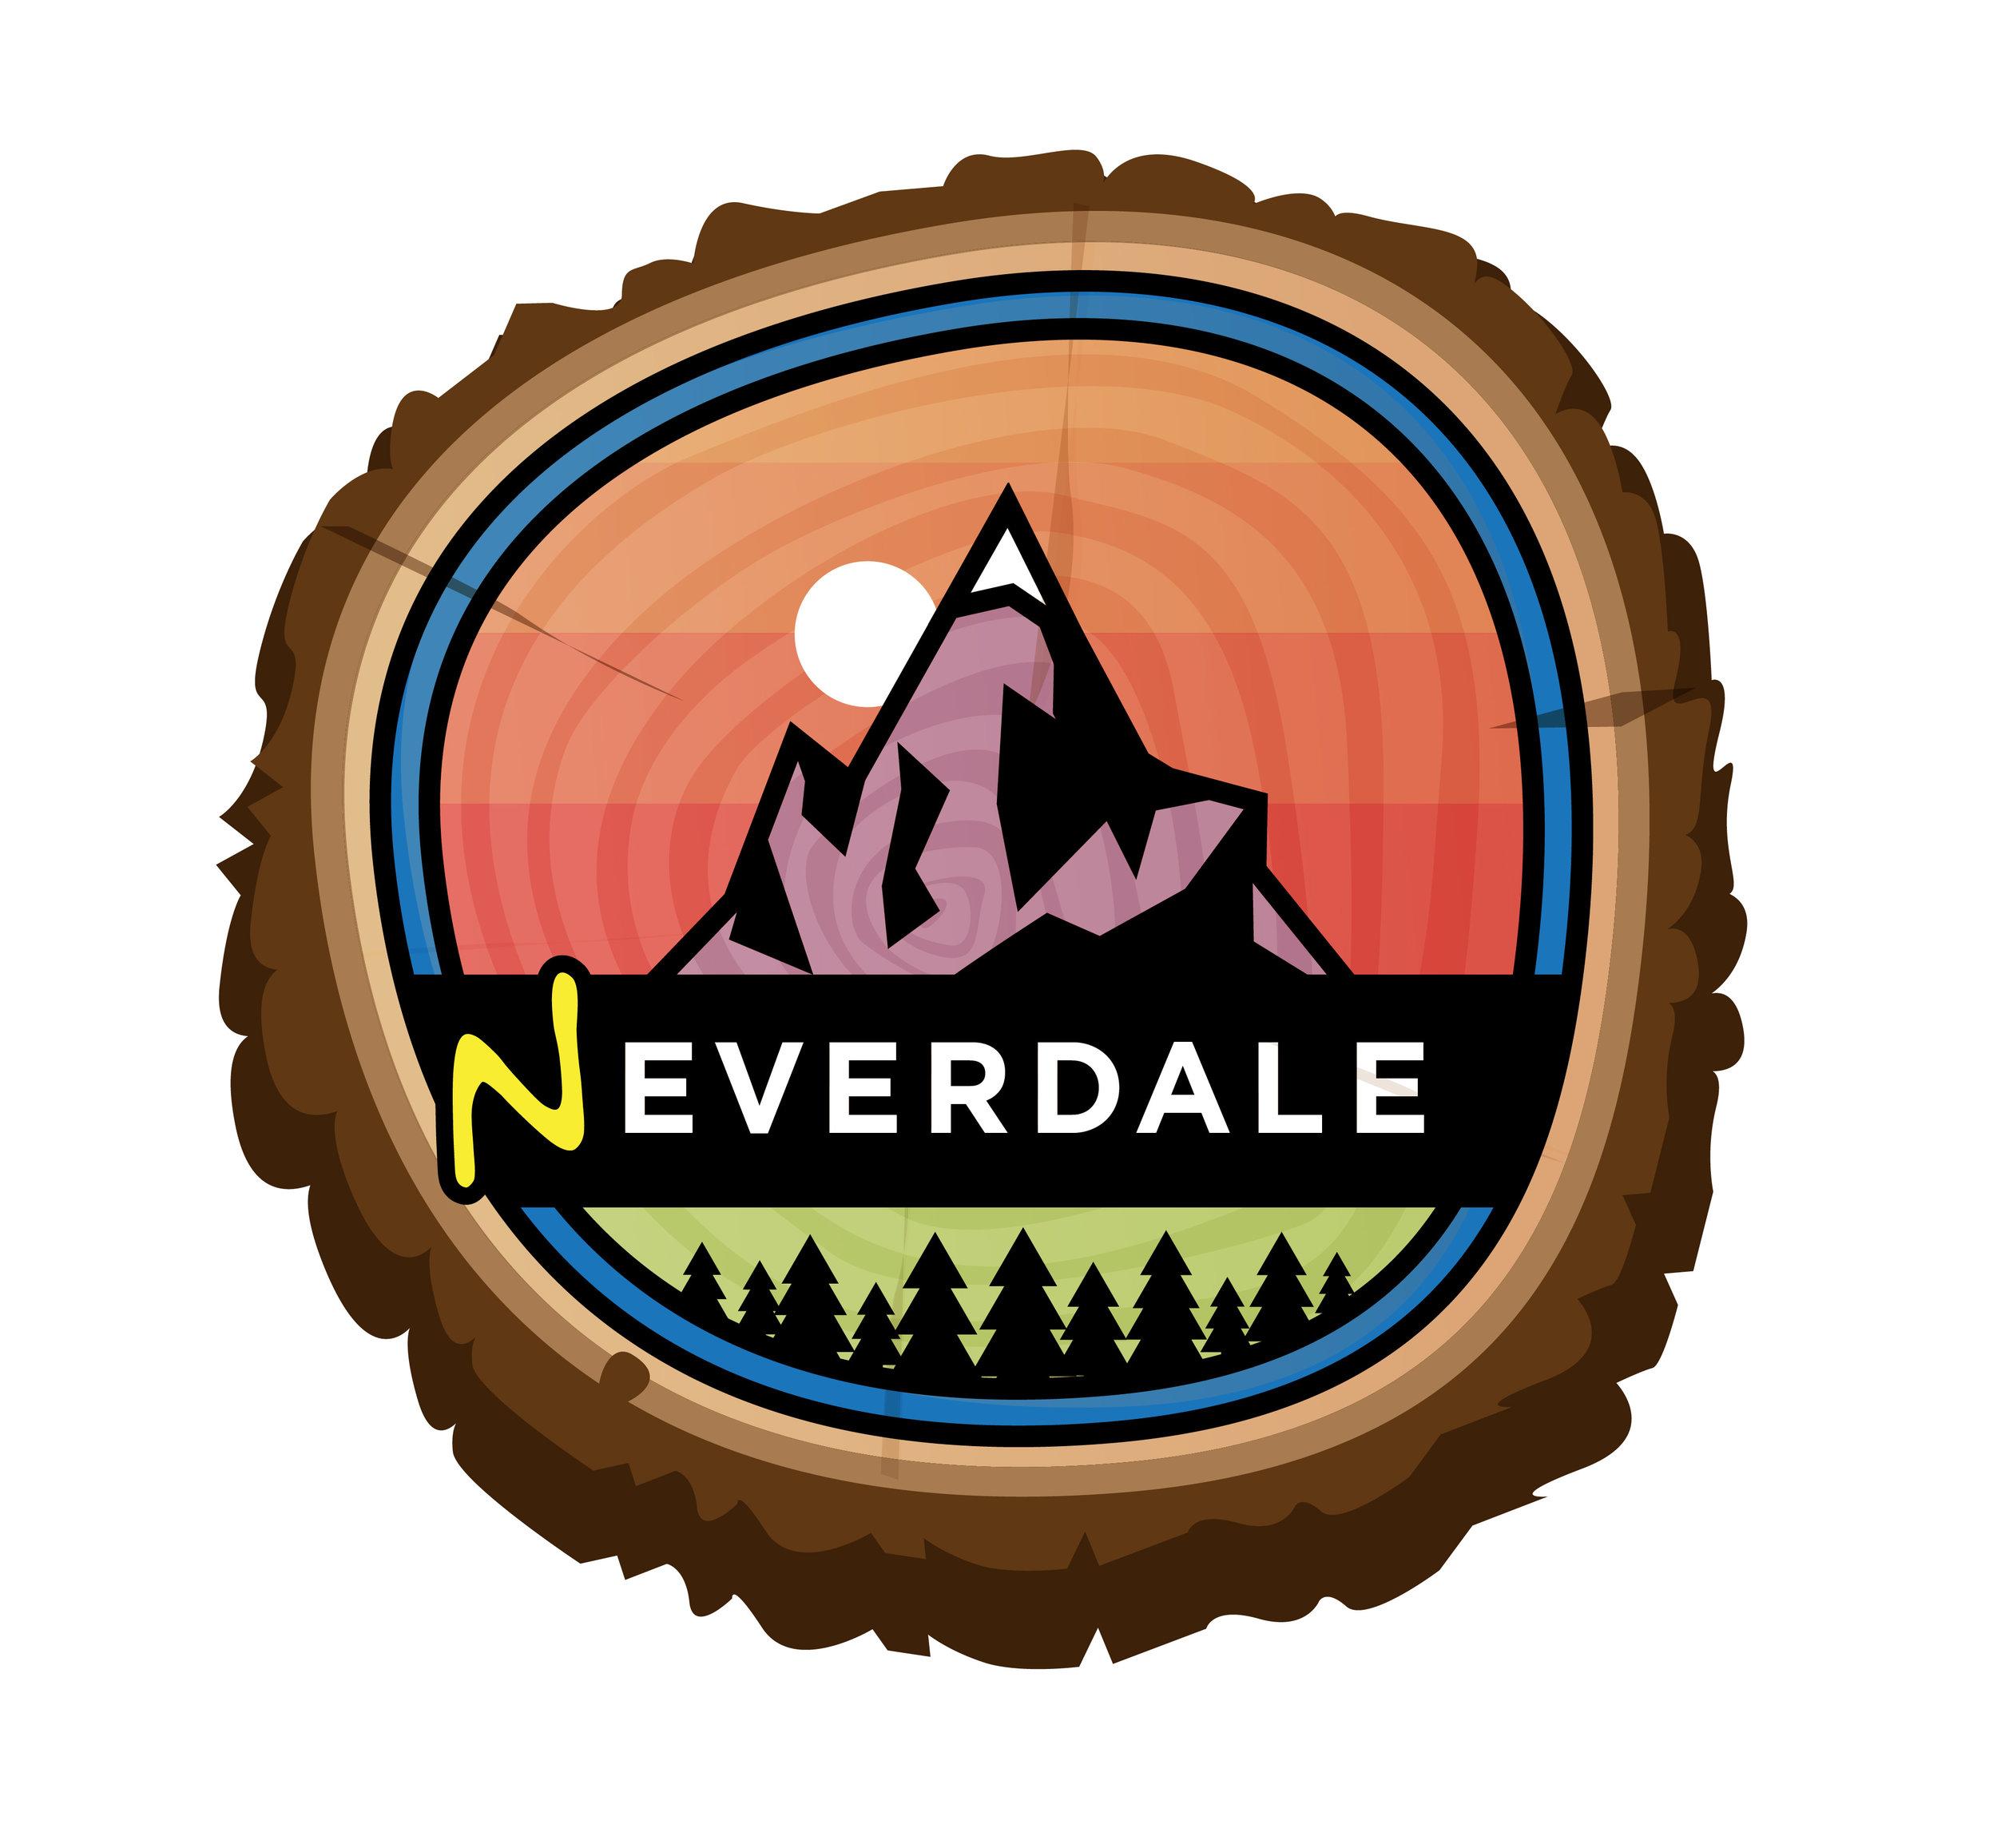 Neverdale_Park_Logo4-19.jpg